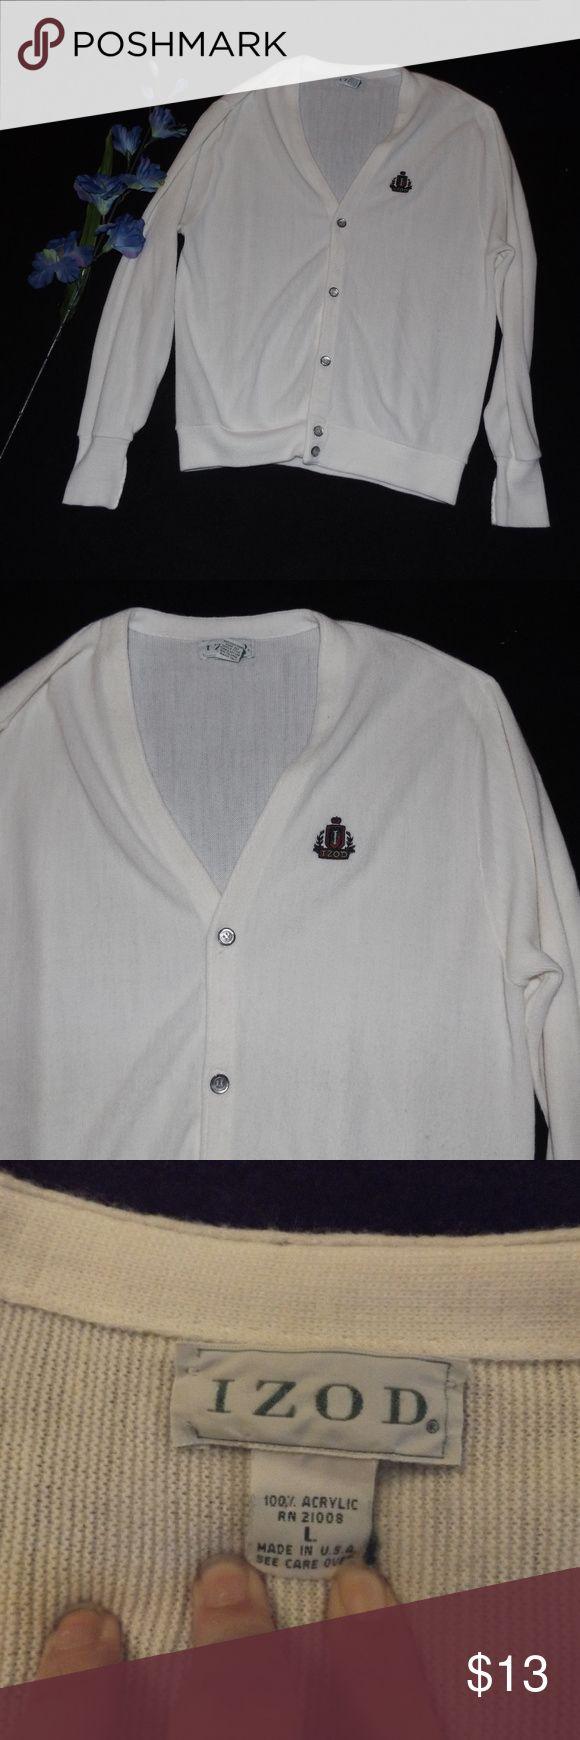 Izod Men Large White Cardigan Preppy Izod Men Large White Cardigan Preppy Izod Sweaters Cardigan